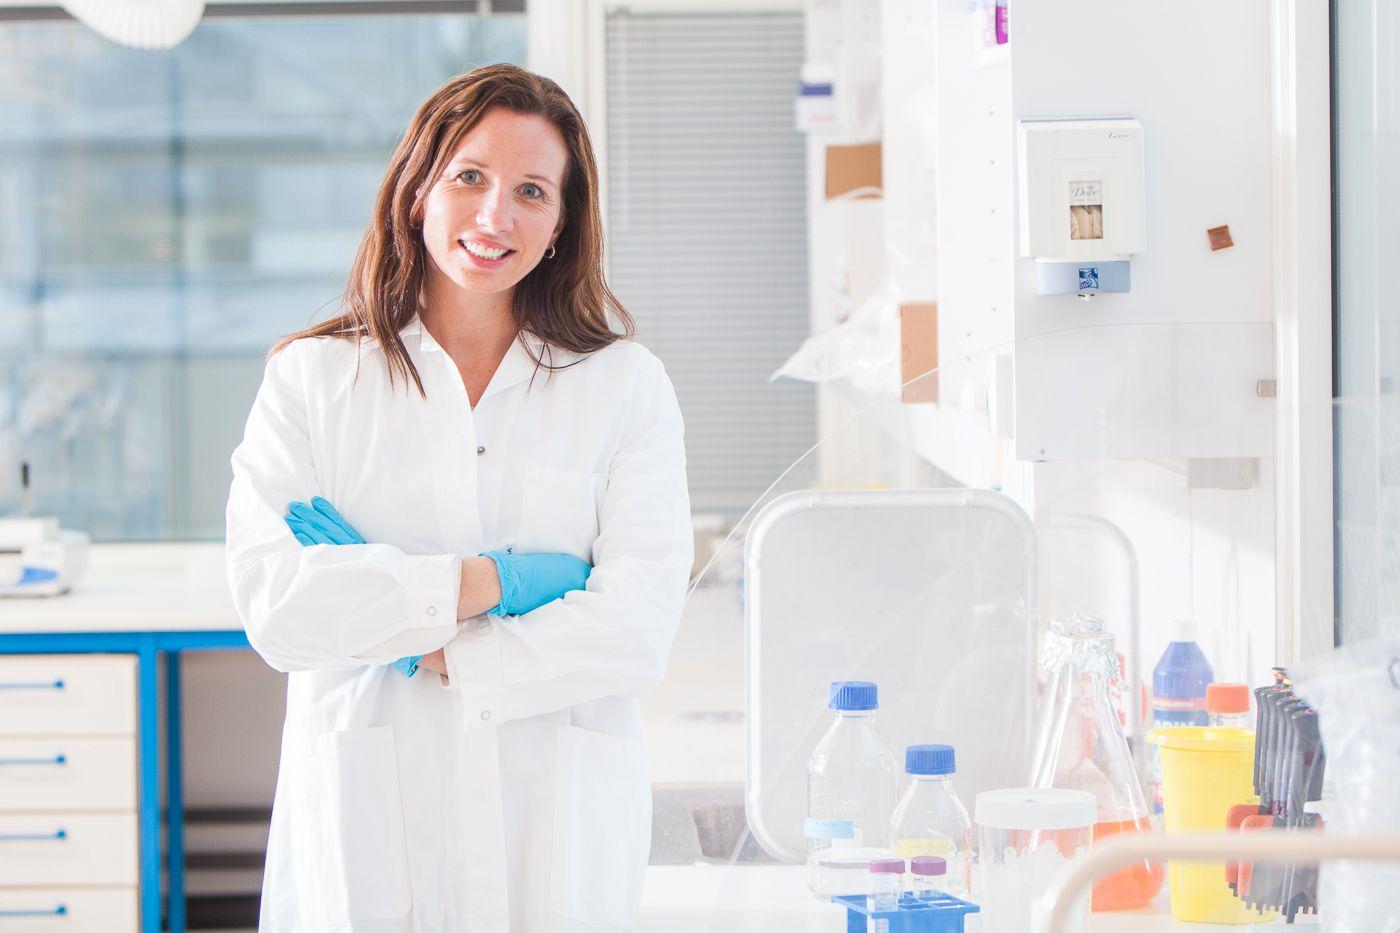 FORSKER: I femten år har norske Agnete Brunsvik Fredriksen jobbet mot et mål: Å kunne teste kreftvaksiner på mennesker. Nå starter firmaet hennes en klinisk studie på tyske pasienter.